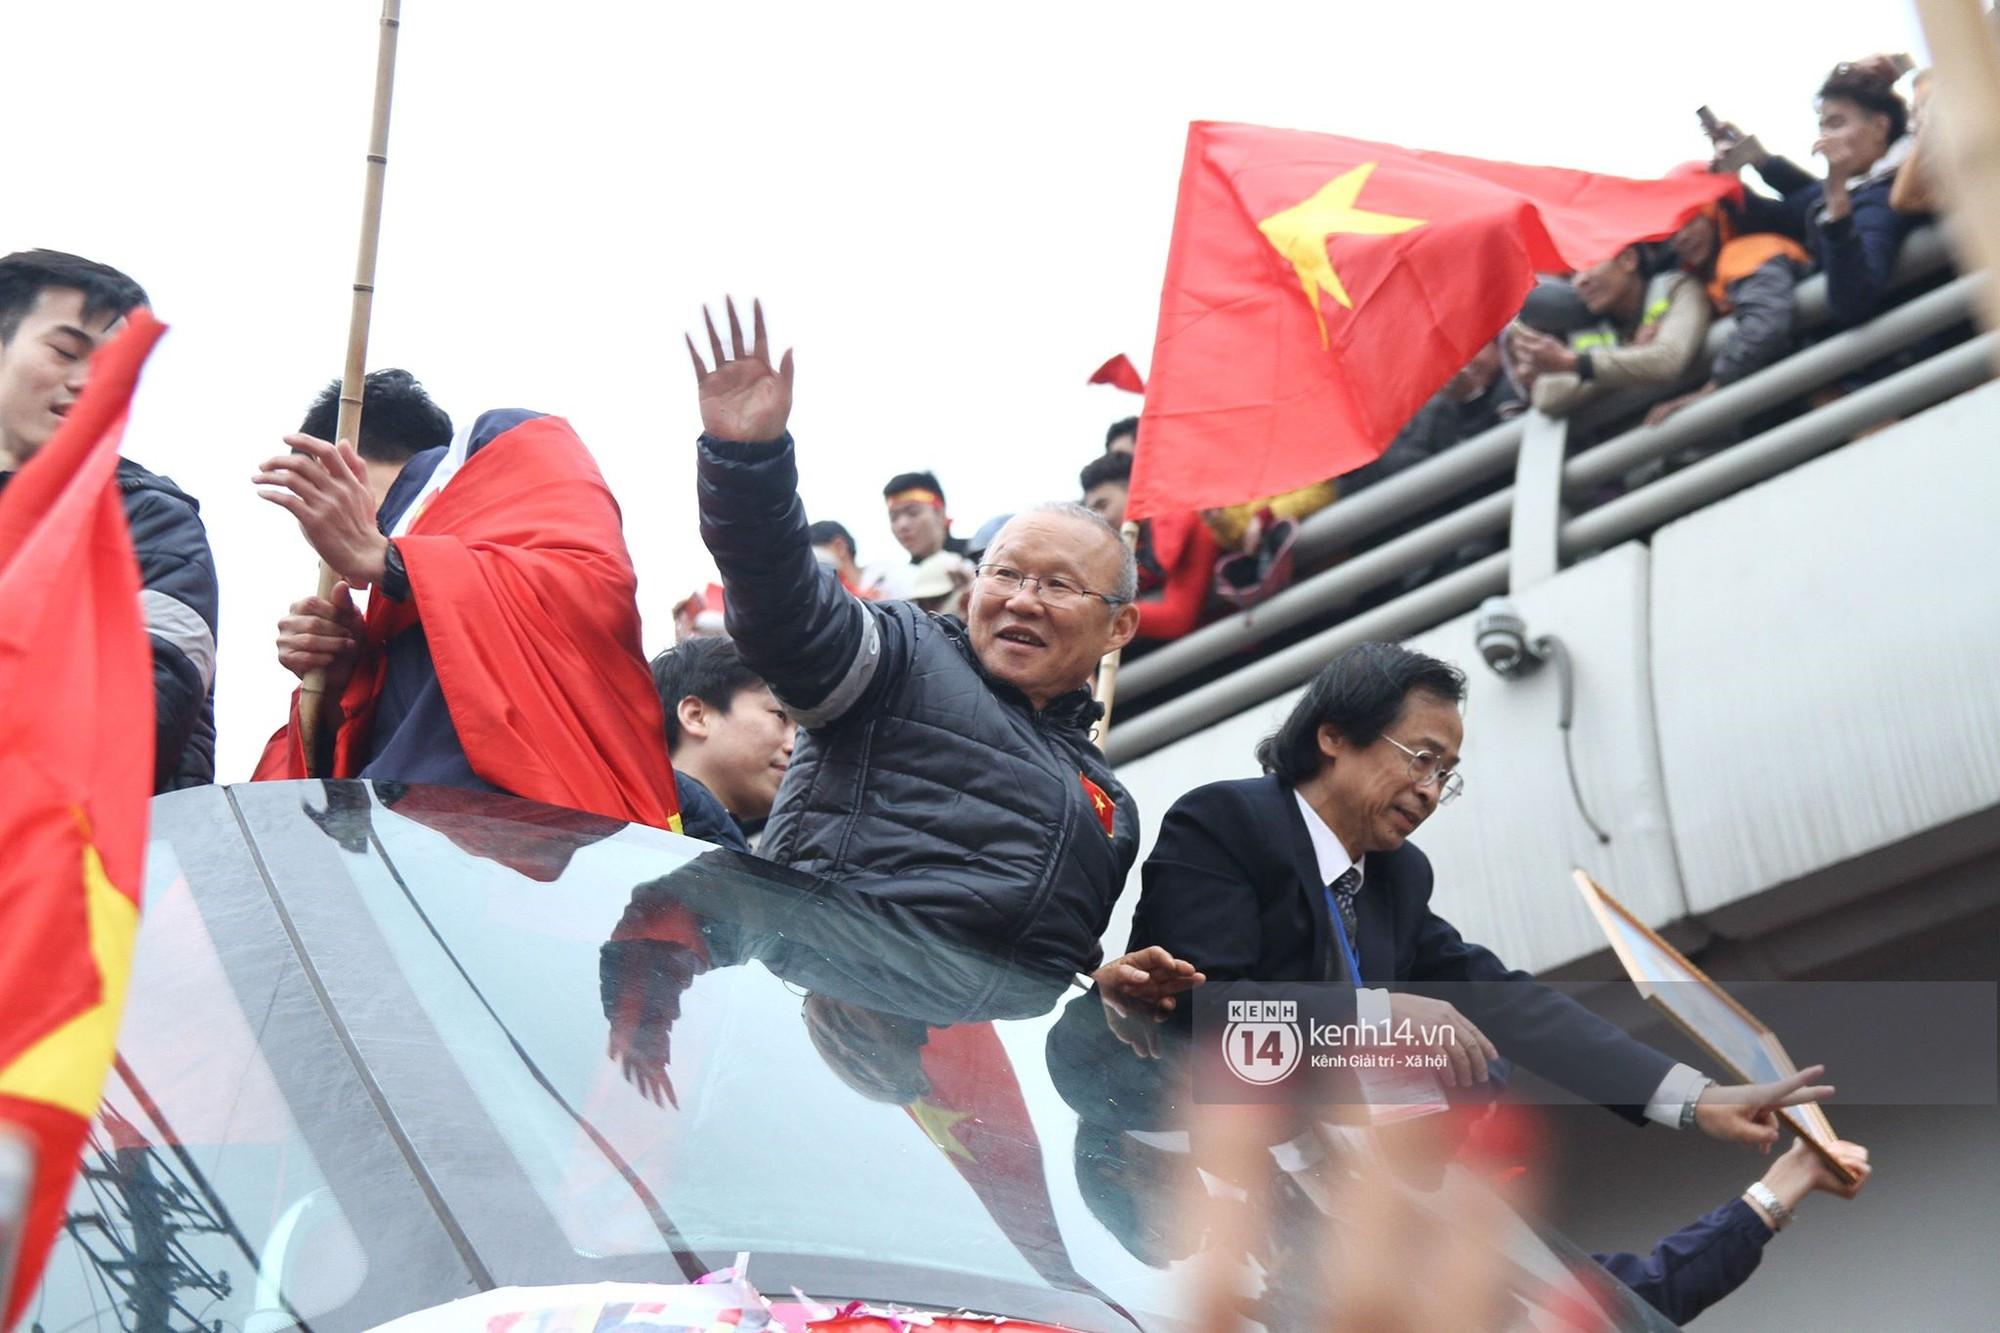 Một ngày dài nhưng nhiều cảm xúc của ông chú Park Hang Seo tại Hà Nội: Những khoảnh khắc không thể quên - Ảnh 8.